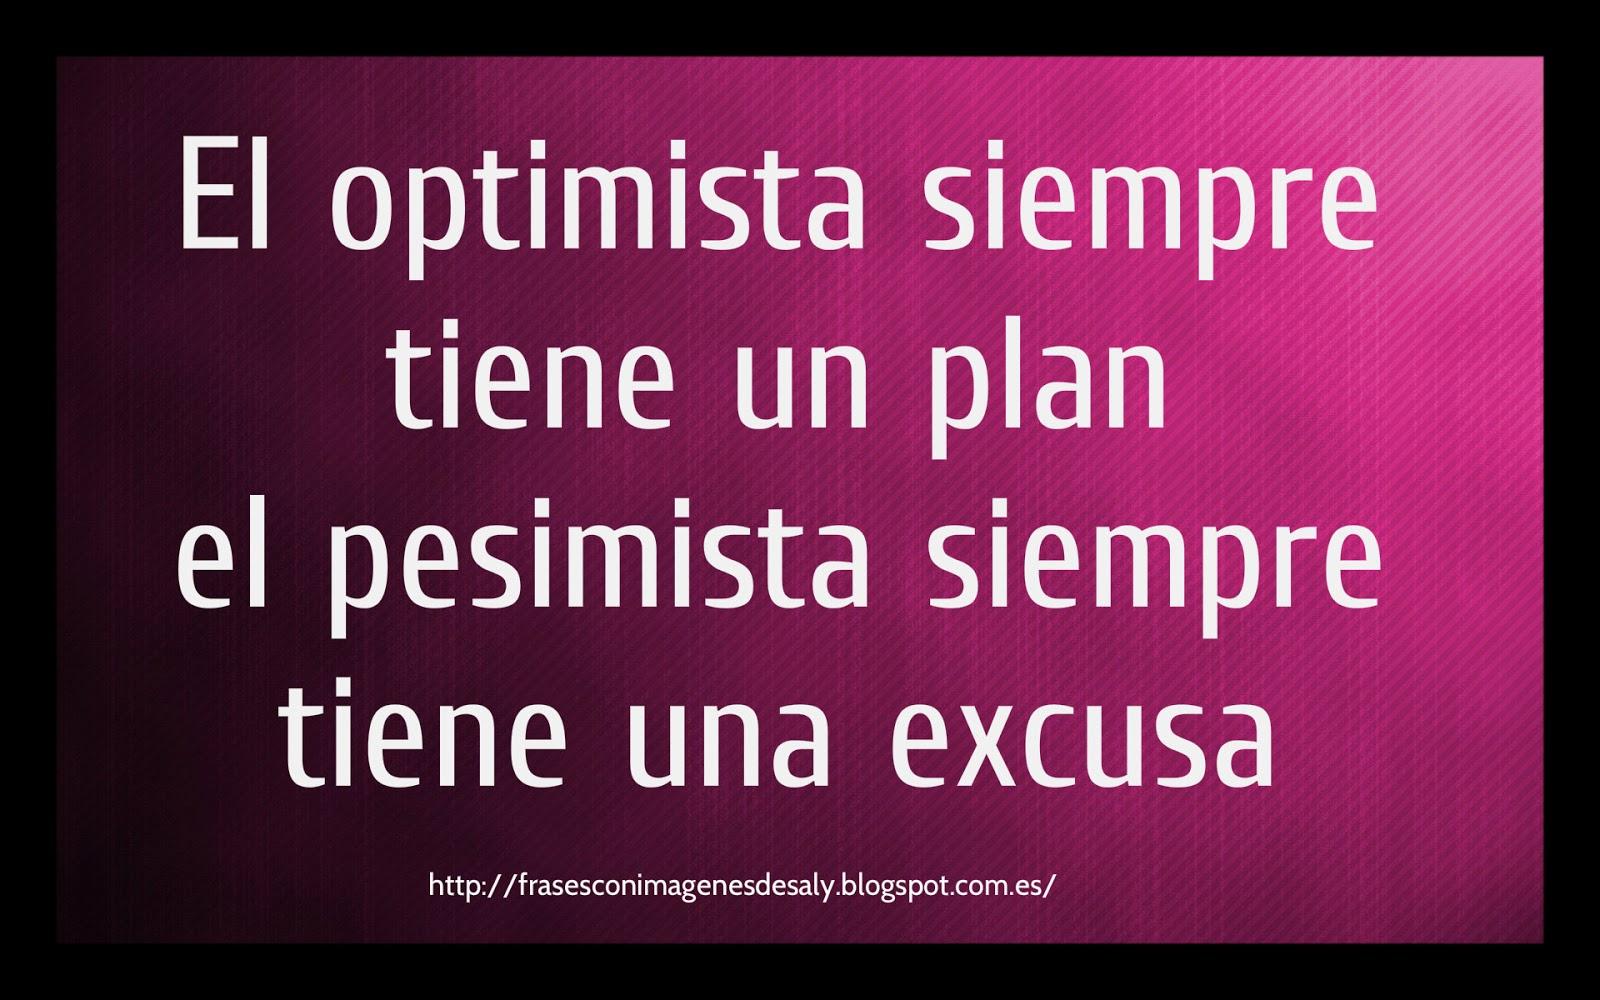 Frases con imágenes : El optimista siempre tiene un plan